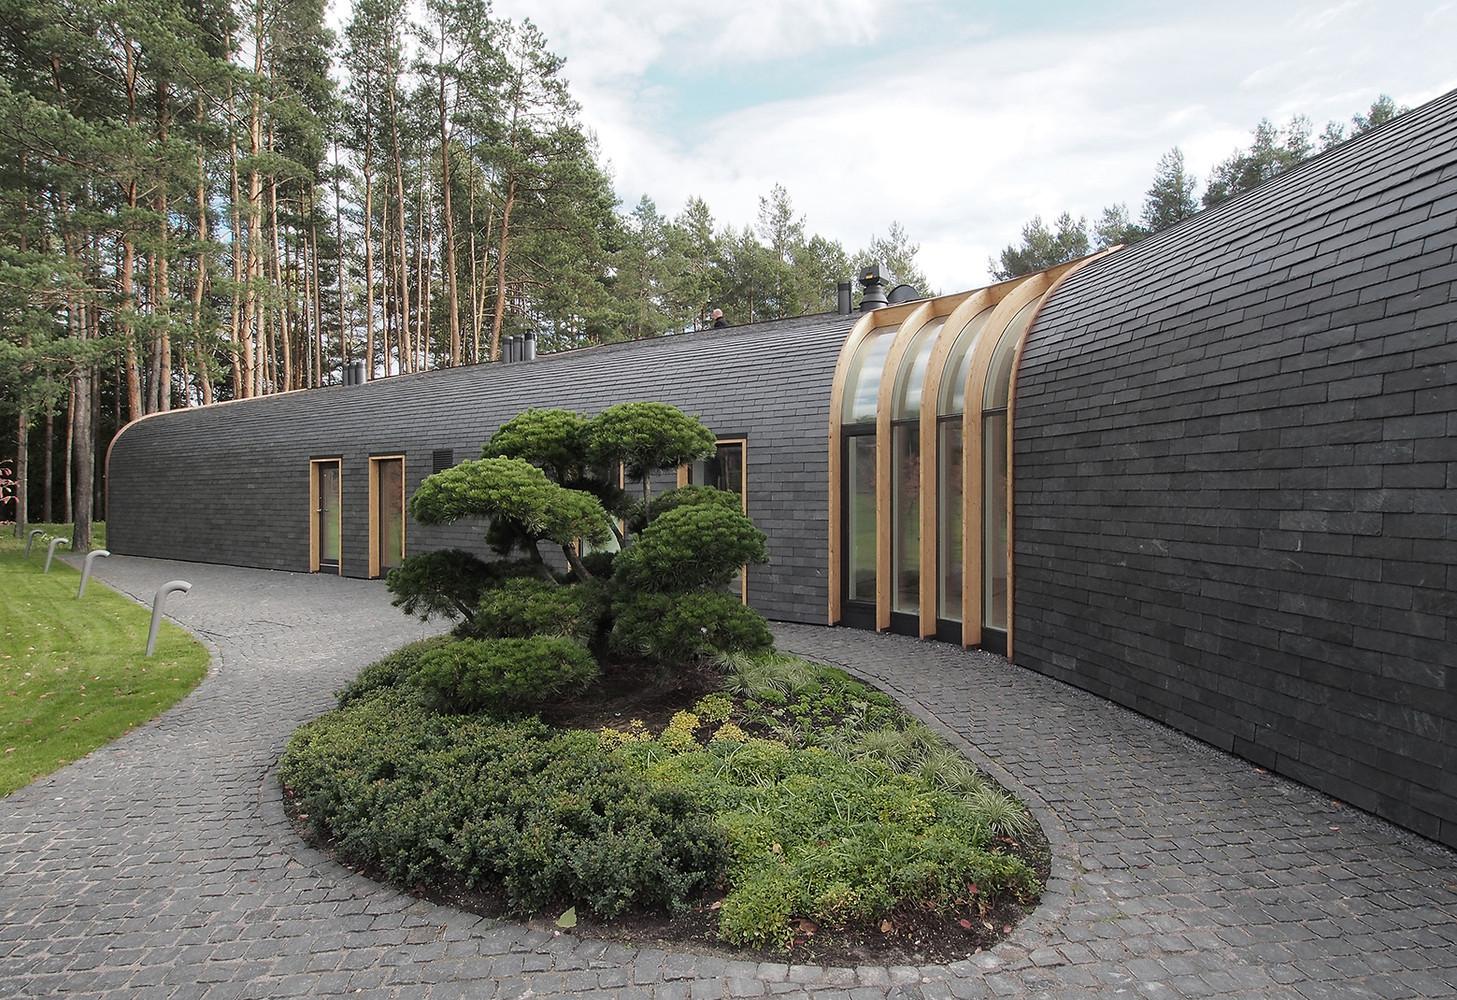 10 tipos de techos y las posibilidades de las cubiertas de pizarra,Villa G / Audrius Ambrasas Architects. Image Cortesia de Audrius Ambrasas Architects